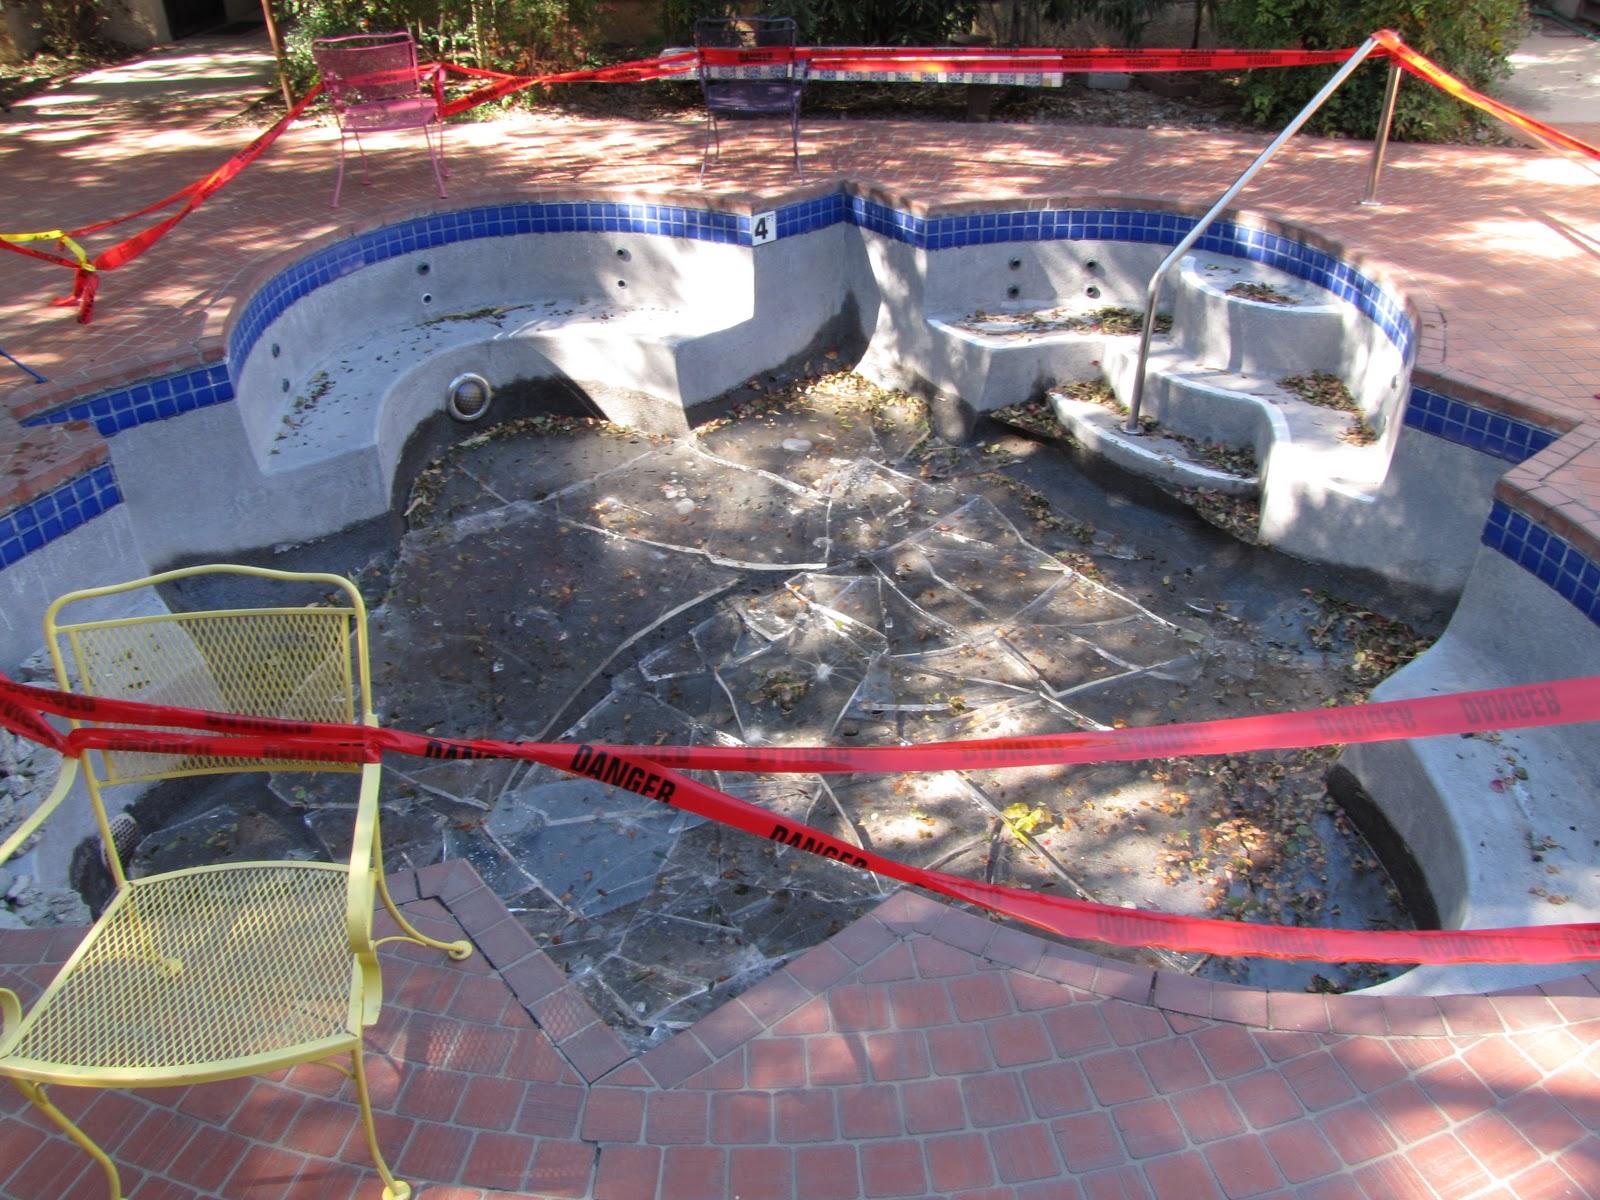 Las aventuras repurposing swimming pools for Repurposed swimming pool